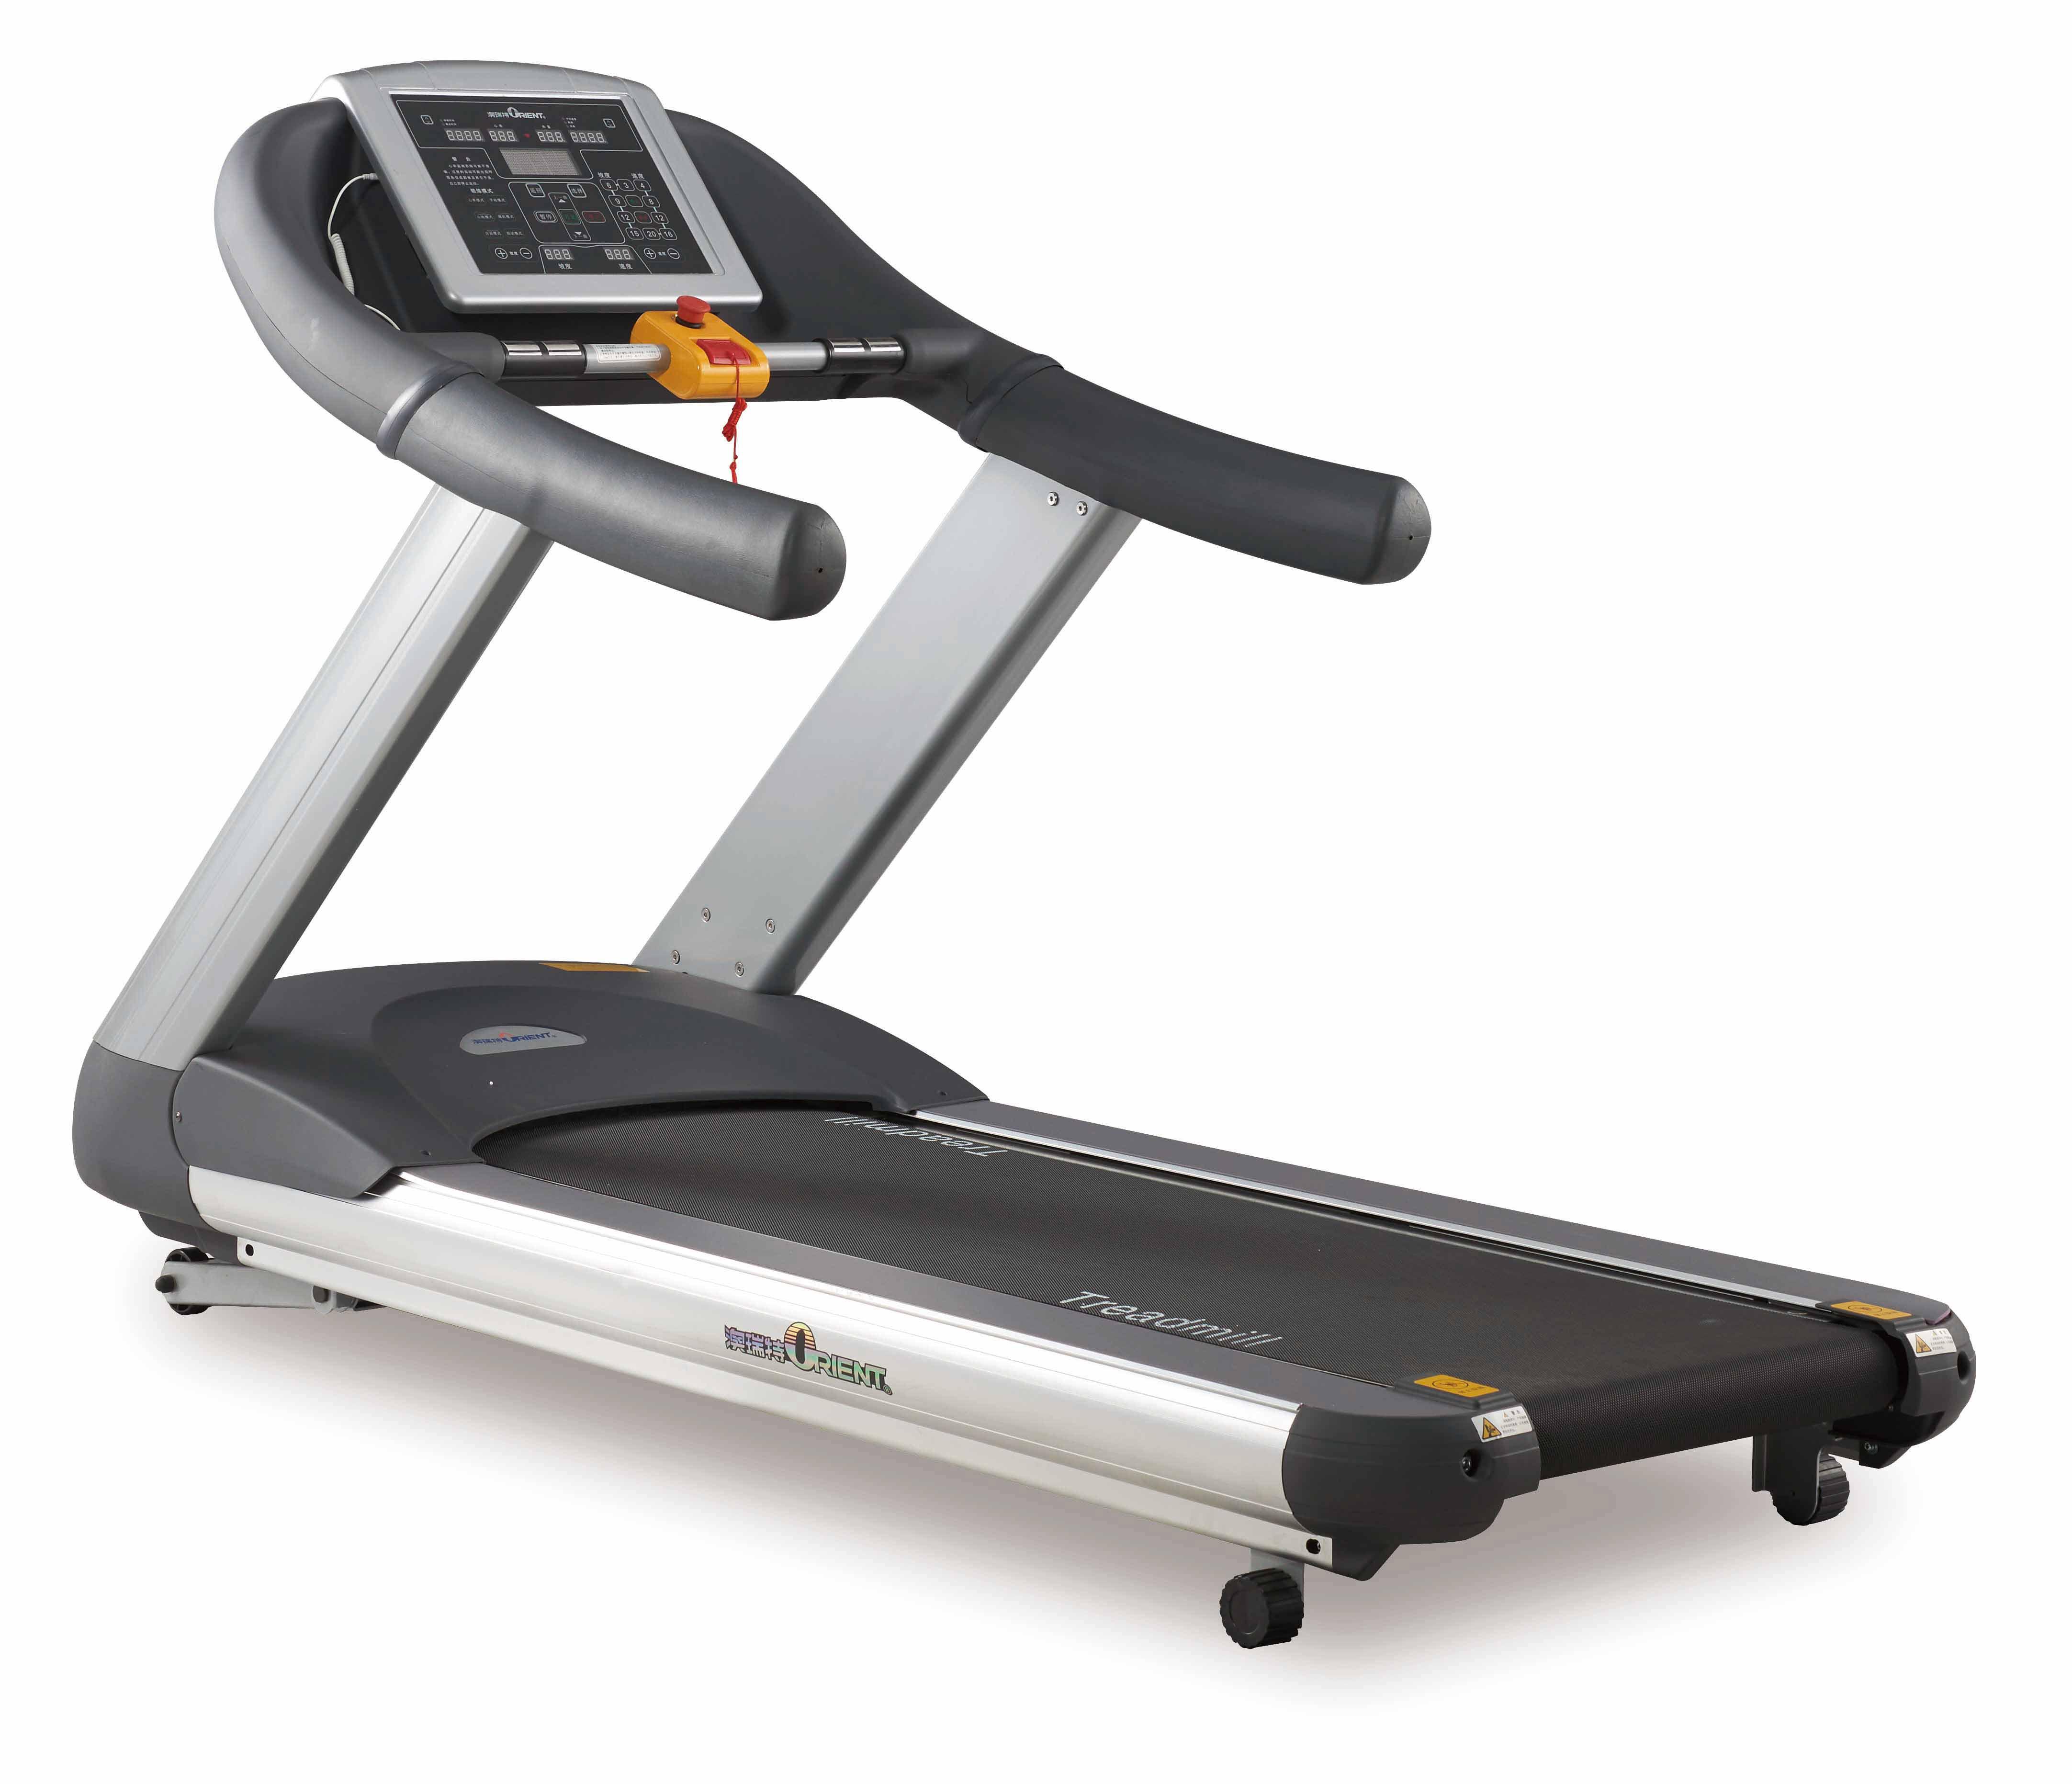 有氧运动能锻炼心、肺,使心血管系统能更有效、快速地把氧传输到身体的每一个部位。通过经常的有氧运动锻炼,人的心脏会更健康,脉搏输出量就更大些,身体每部分的供氧就不需要很多的脉搏数。一个有氧运动素质好的人可以参加较长时间的高强度的有氧运动,他(她)的运动恢复也快。    同样是有氧器材,那么跑步机、动感单车和椭圆机哪个器材锻炼效果好呢?